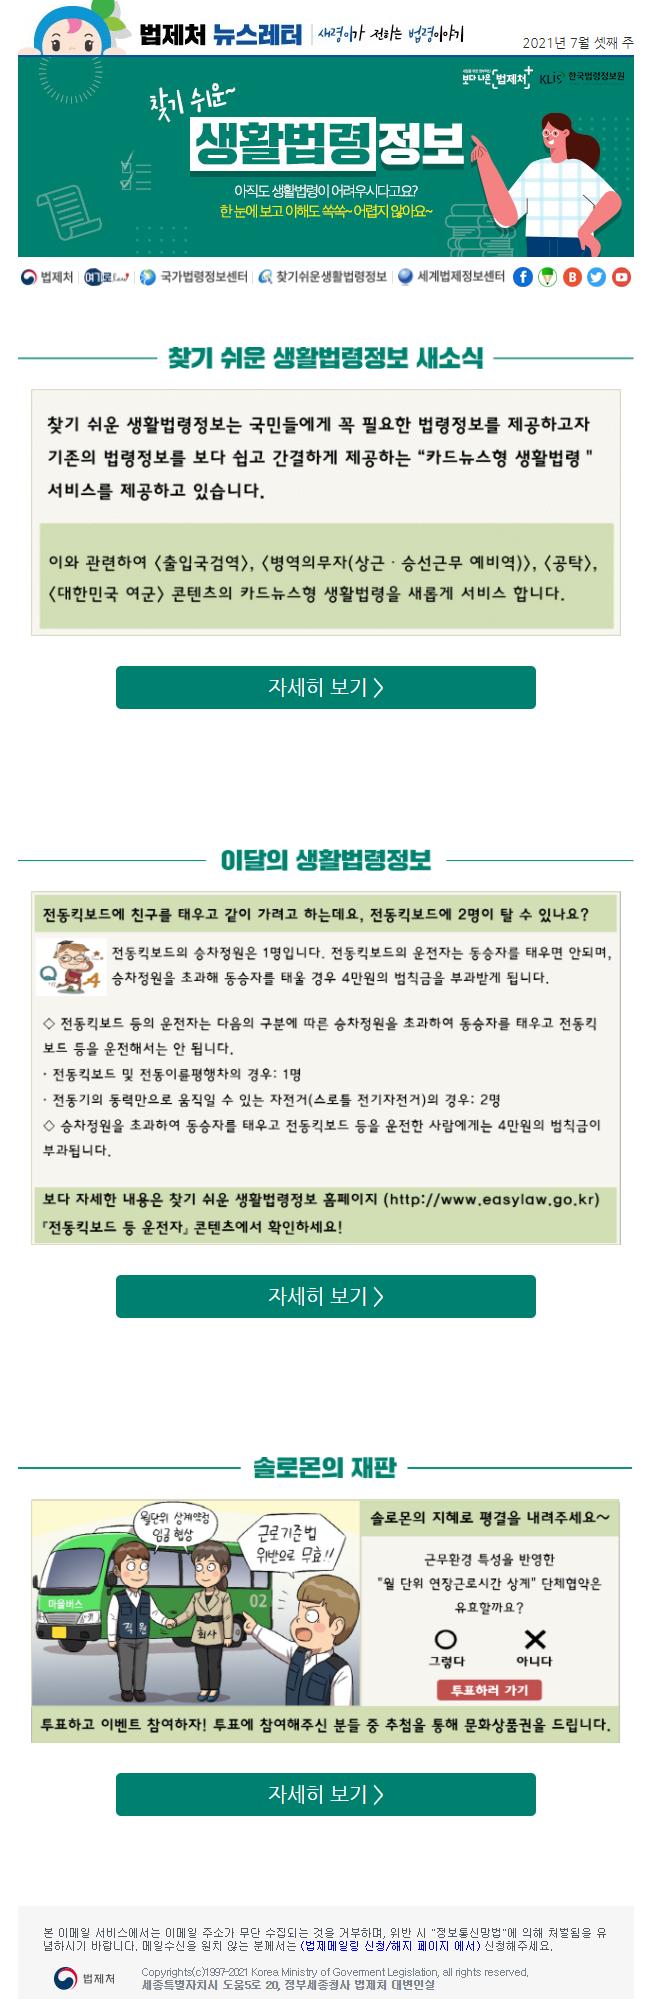 2021년 7월 찾기 쉬운 생활법령정보 뉴스레터